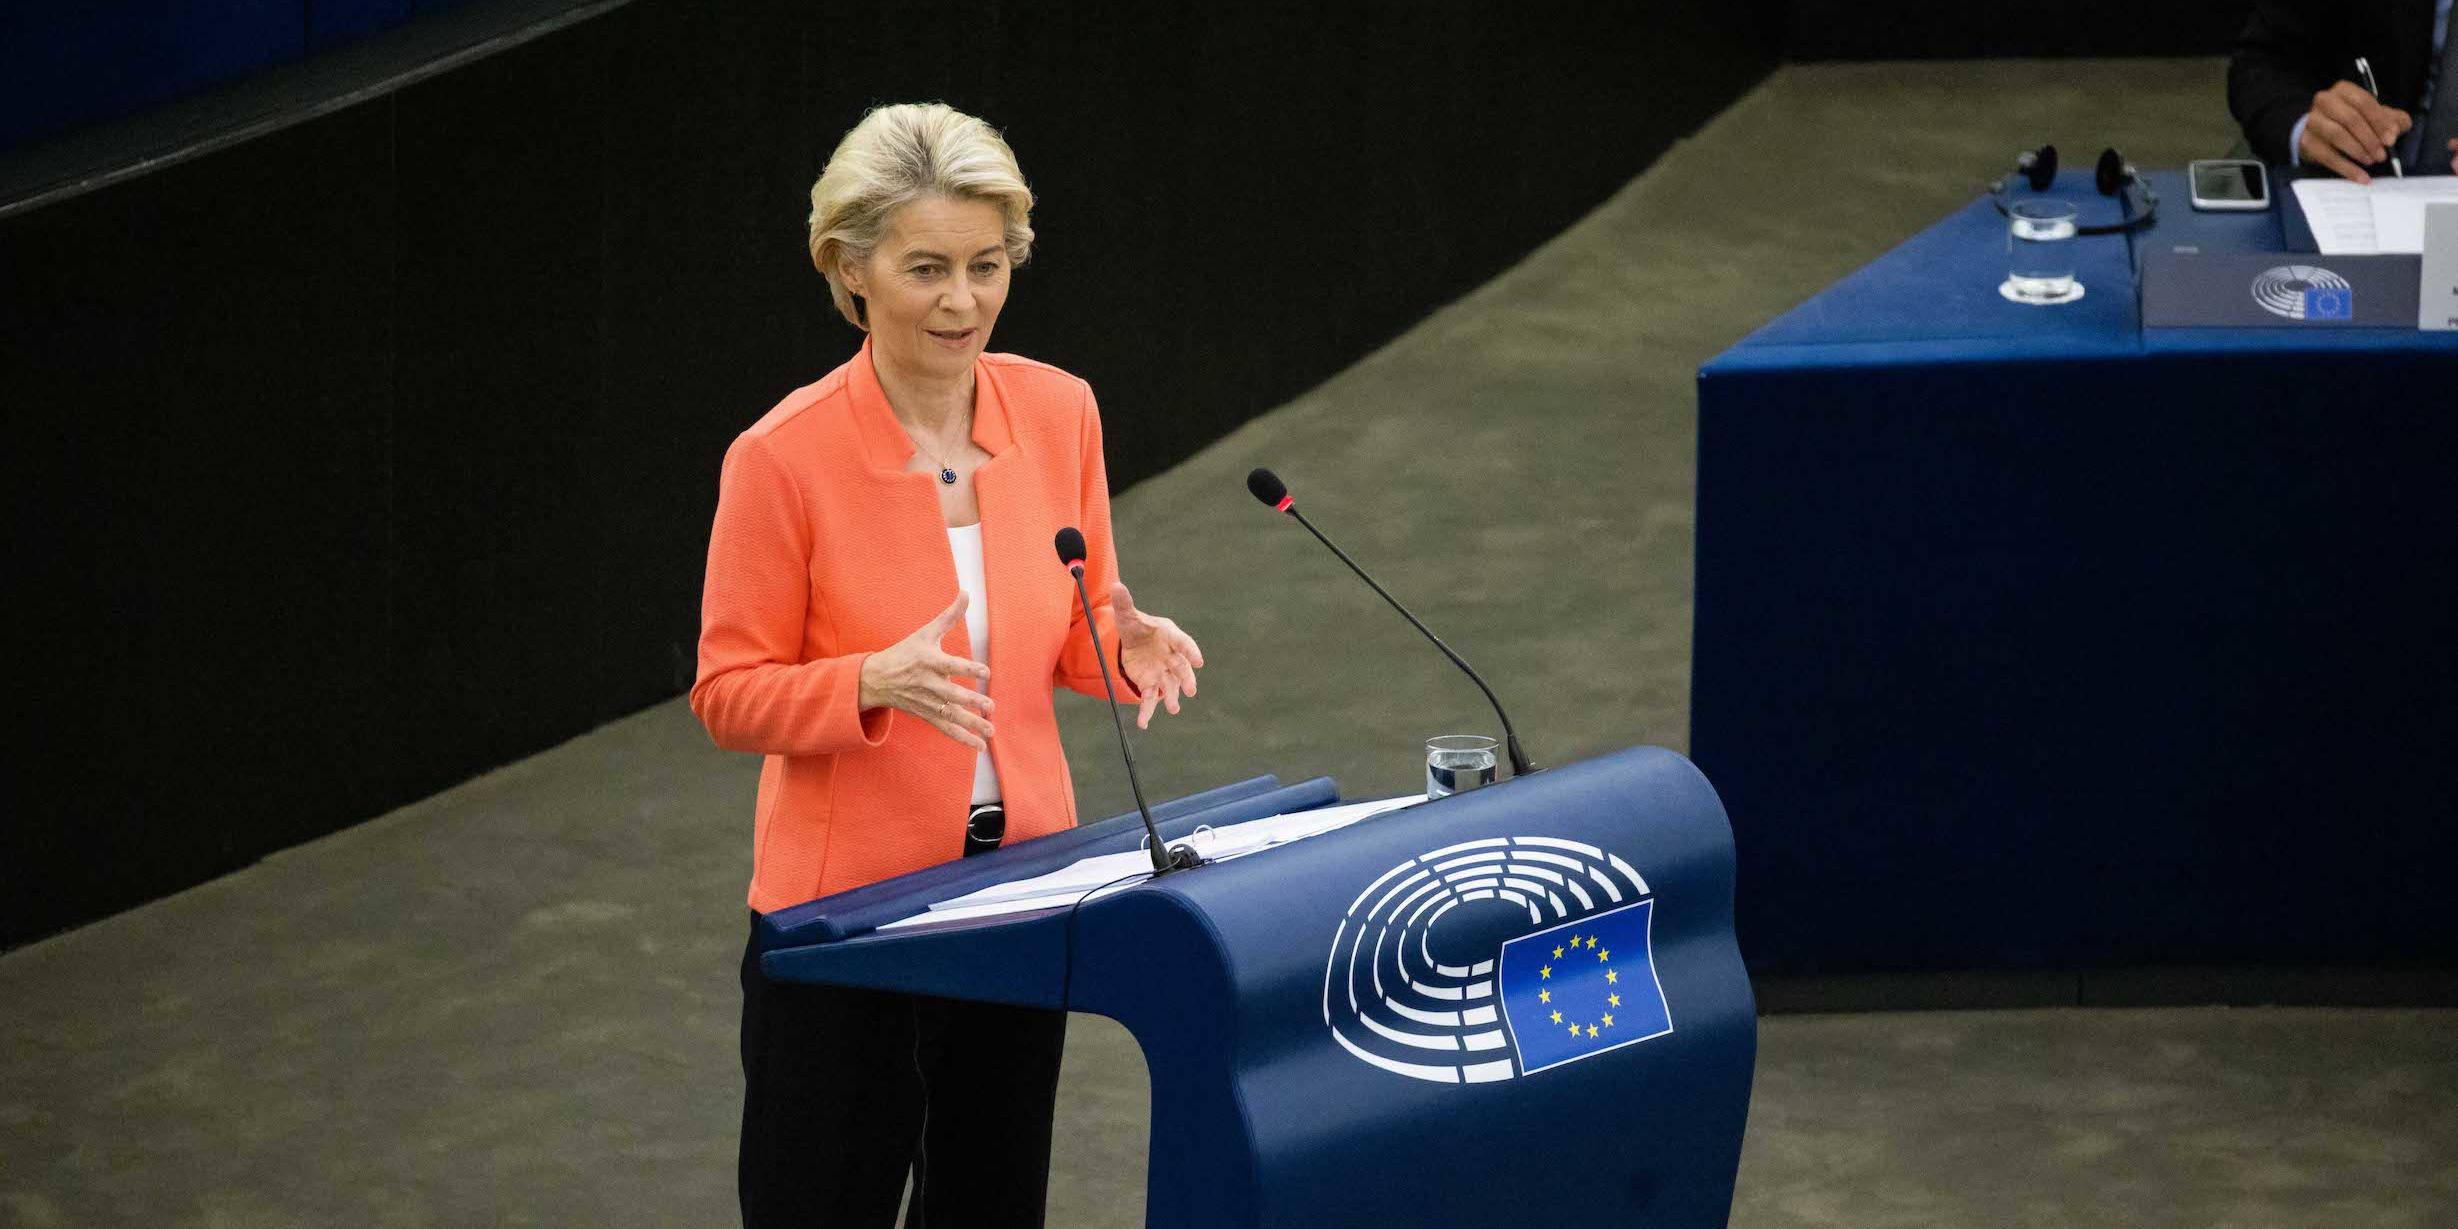 Grâce à la crise, l'UE accélère son intégration (géo)politique